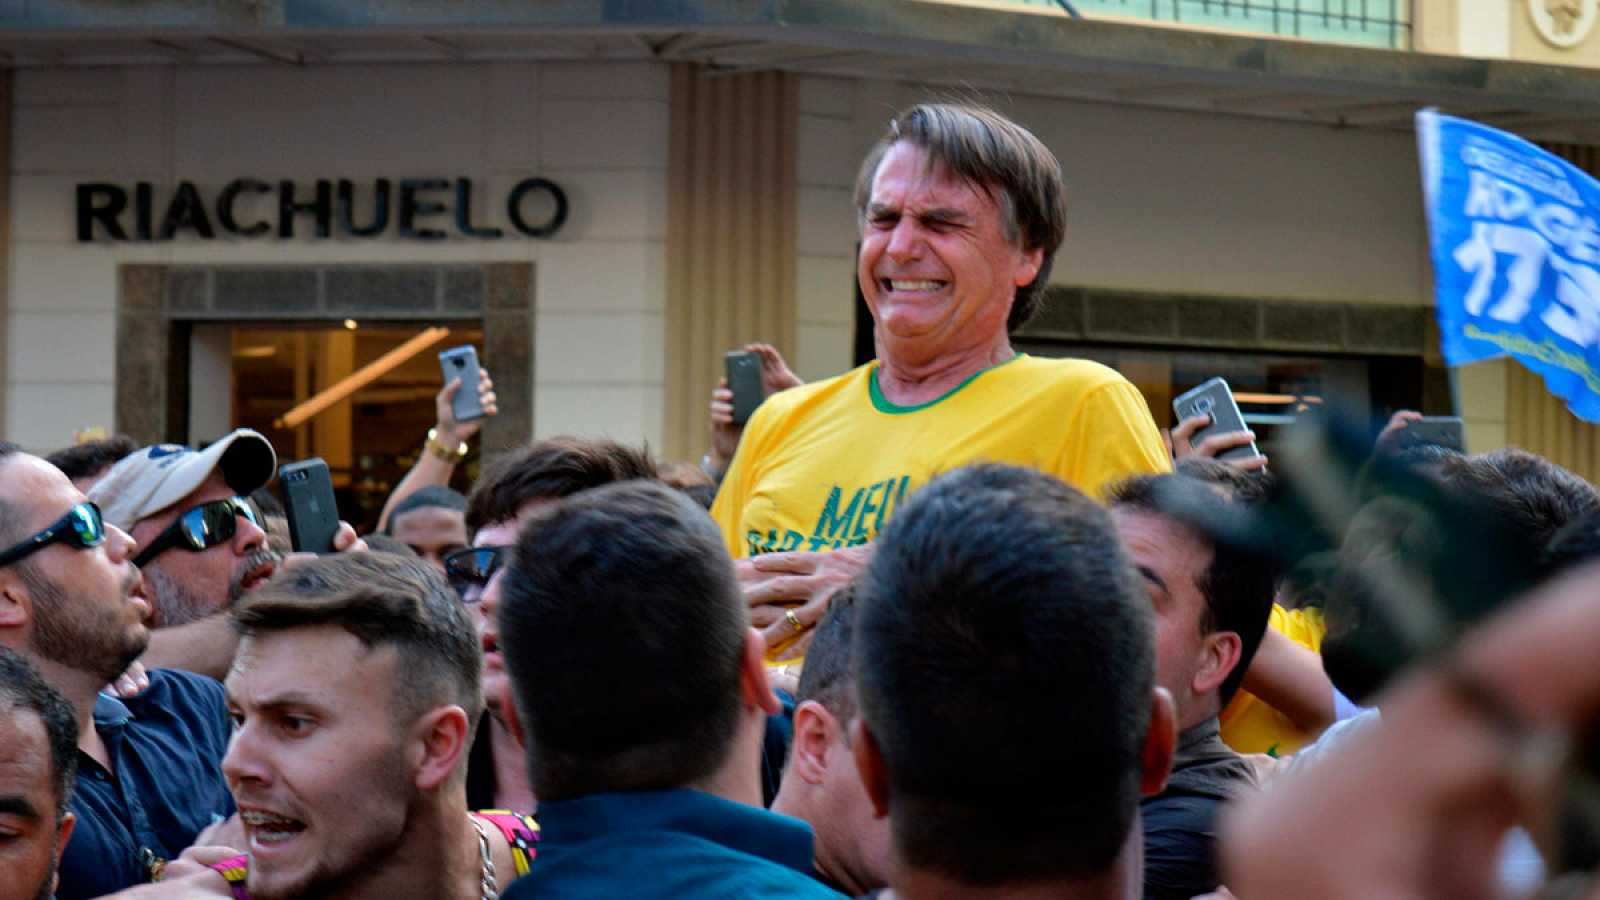 Apuñalado el candidato ultraderechista brasileño Jair Bolsonaro en un acto electoral